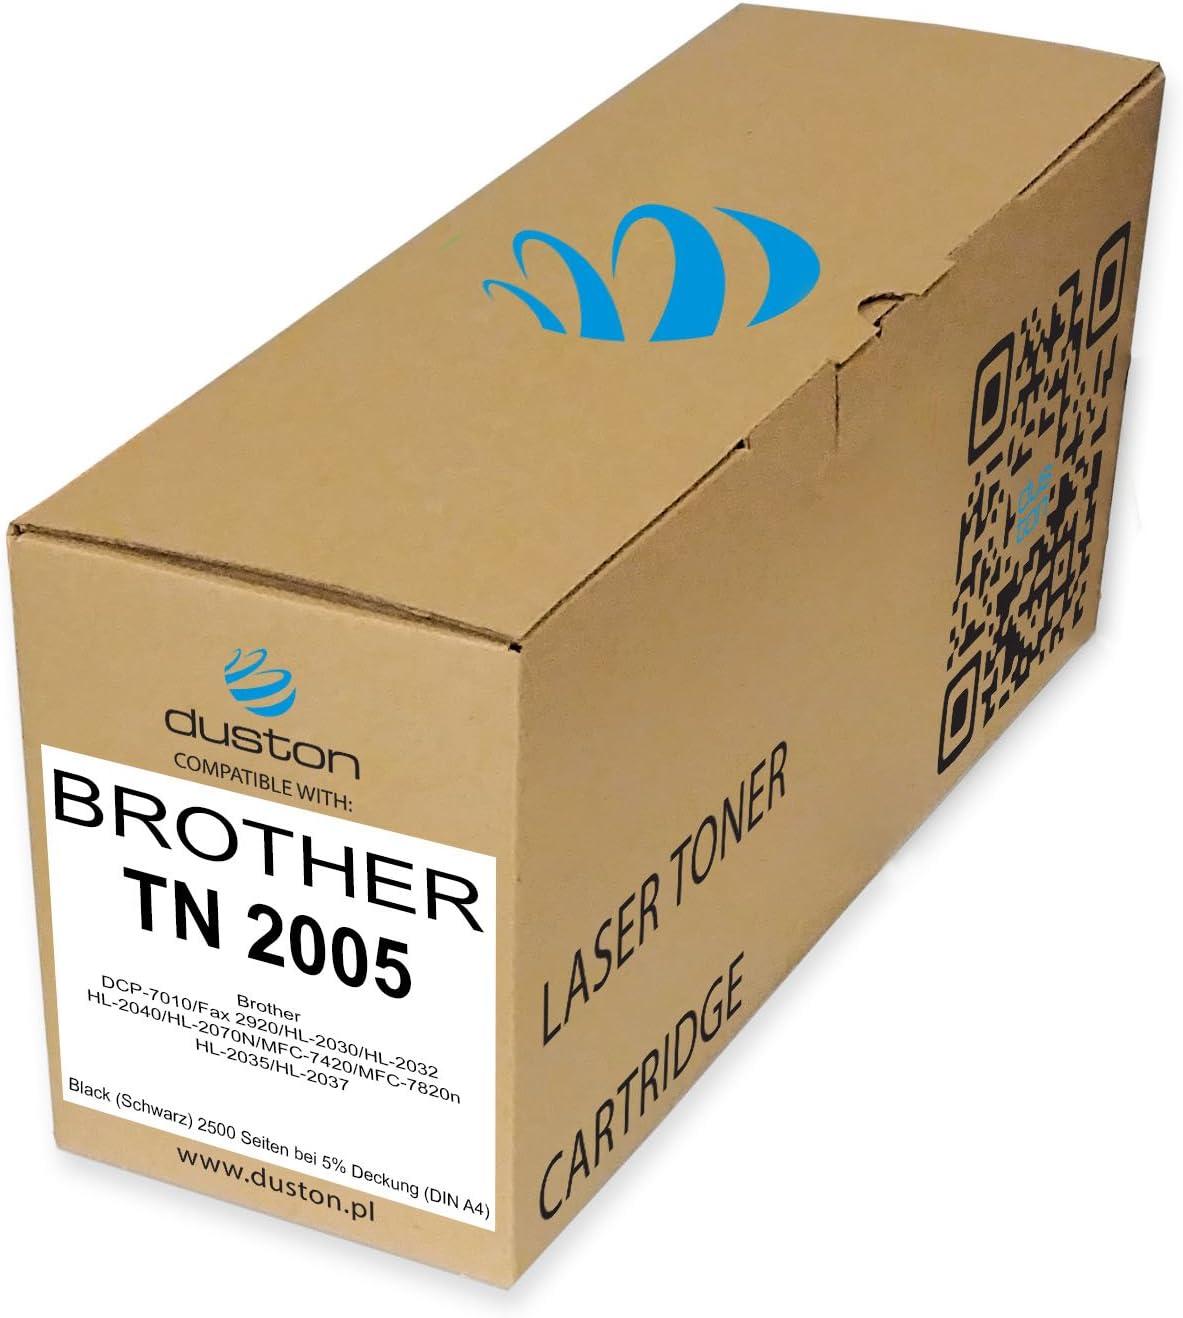 Tn2005 Tn2000 Schwarz Duston Toner Kompatibel Zu Brother Tn 2005 Dcp 7010 Fax 2920 Hl 2030 Hl 2032 Hl 2040 Hl 2070n Mfc 7420 Mfc 7820n Hl 2035 Hl 2037 Bürobedarf Schreibwaren